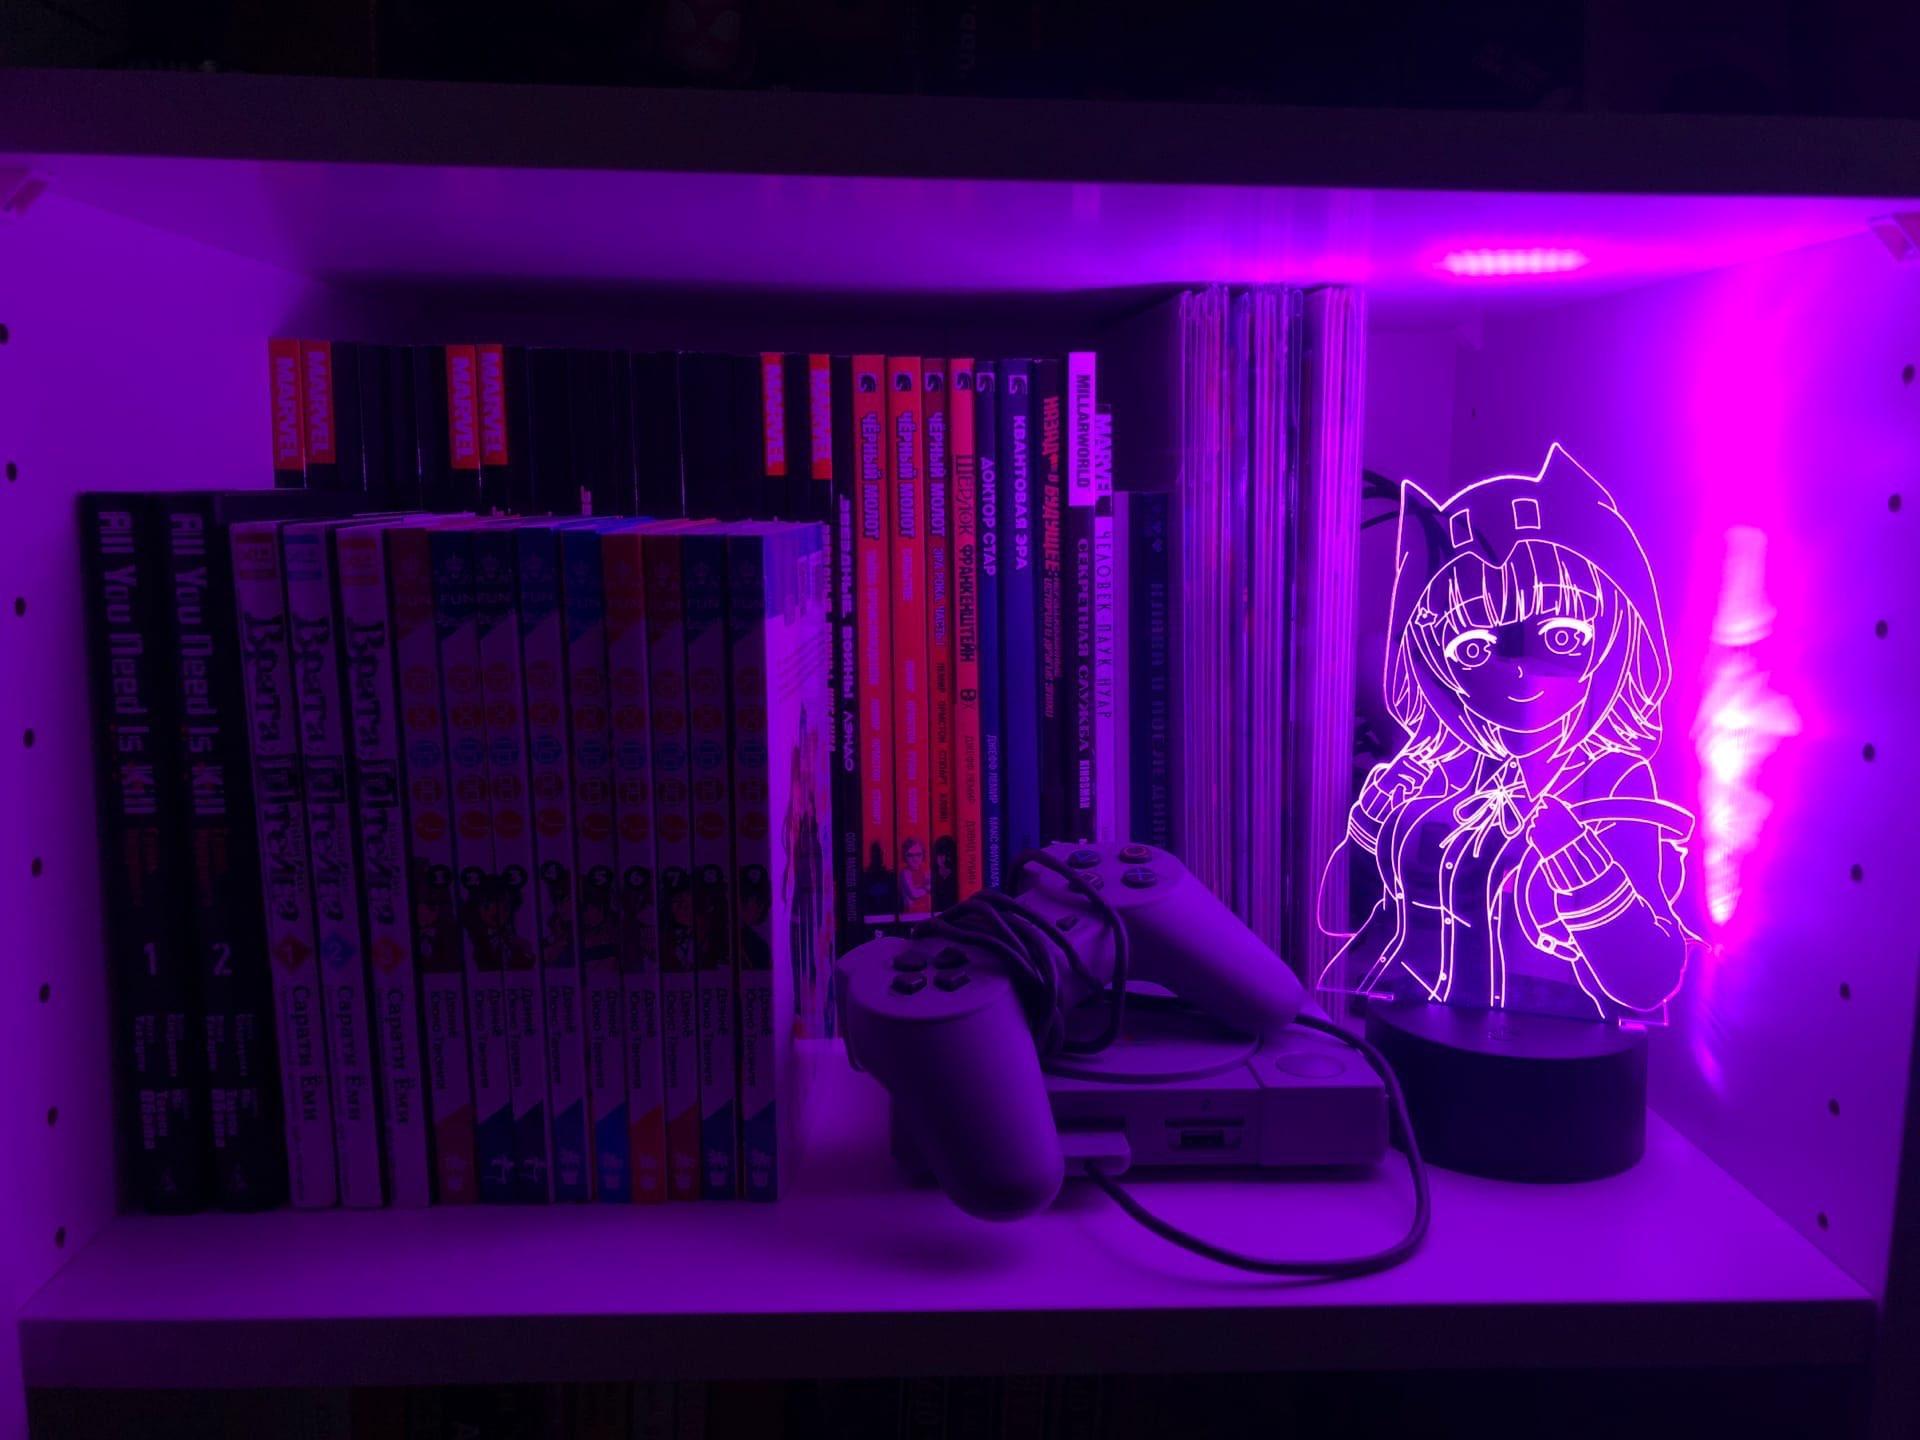 Color: Base Negra GEZHF L/ámpara de ilusi/ón 3D Danganronpa 2 Chiaki Nanami Led Anime L/ámpara Illusion Iluminaci/ón de Color Cambio de Luz de Noche Lampara para Navidad -Base Negra sin mando a distancia